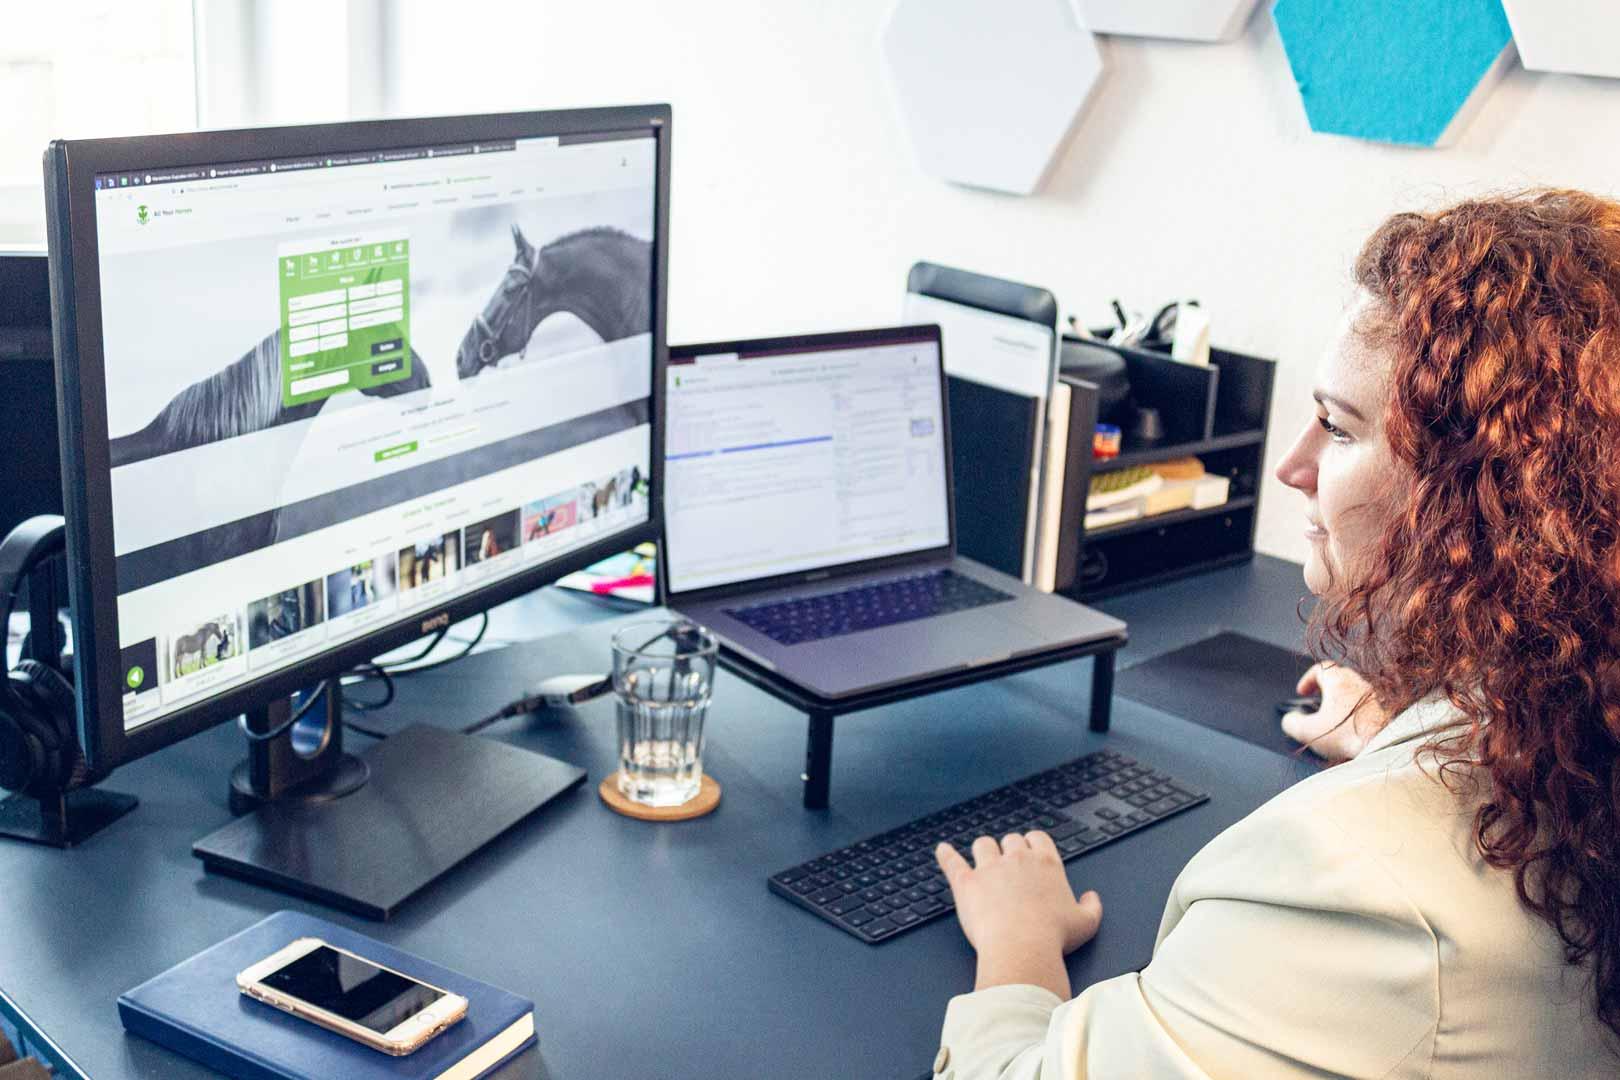 Mitarbeiterin schaut auf ihren Bildschirm, während sie arbeitet.